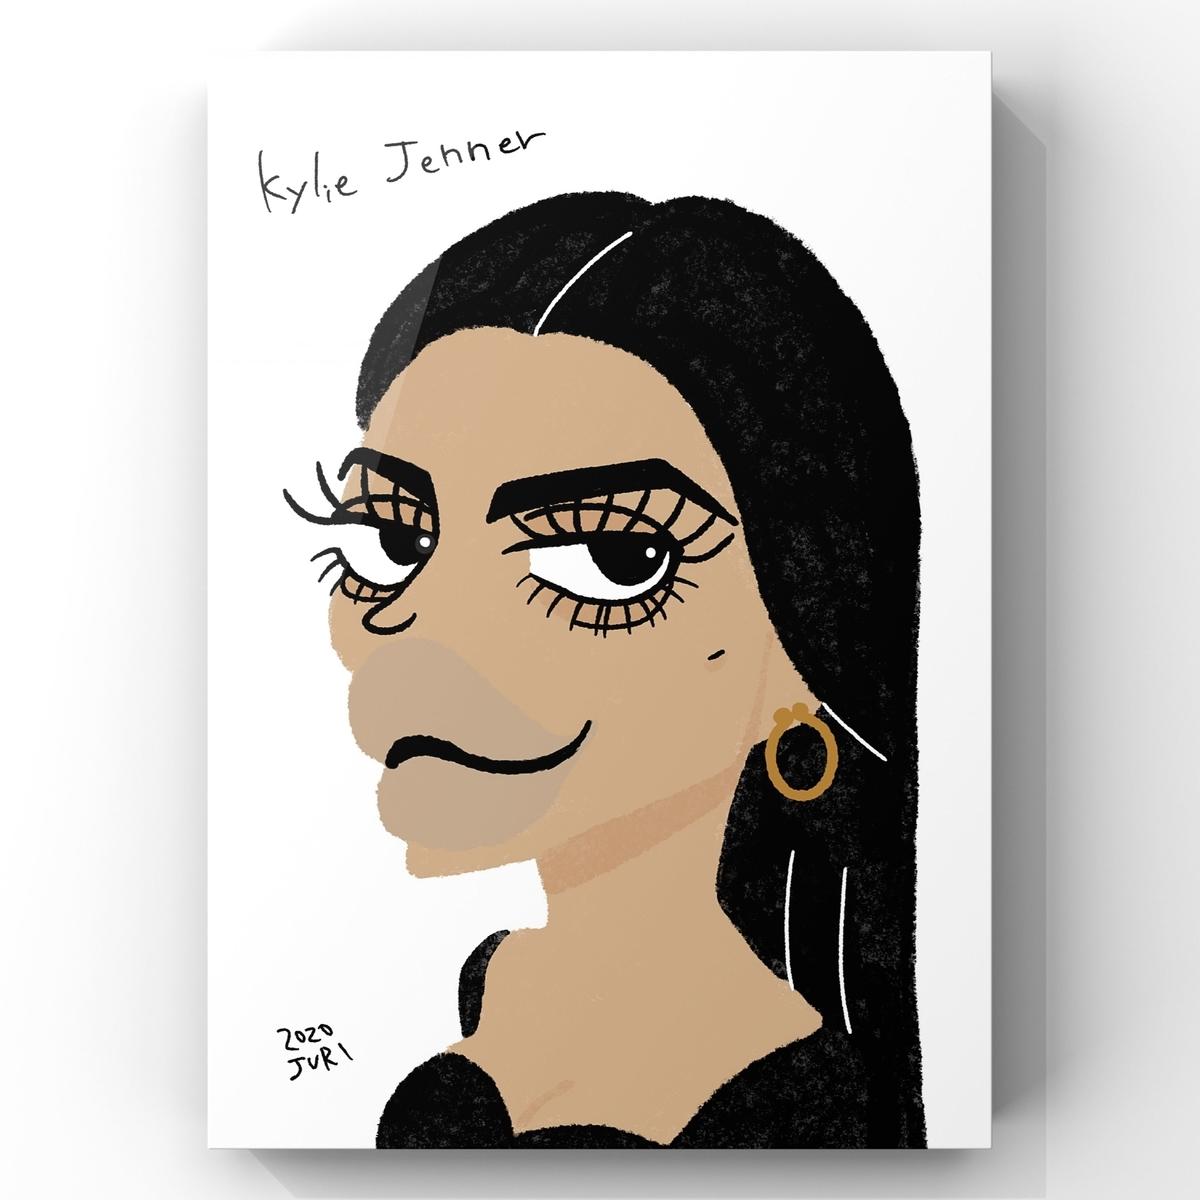 カイリージェンナーの似顔絵